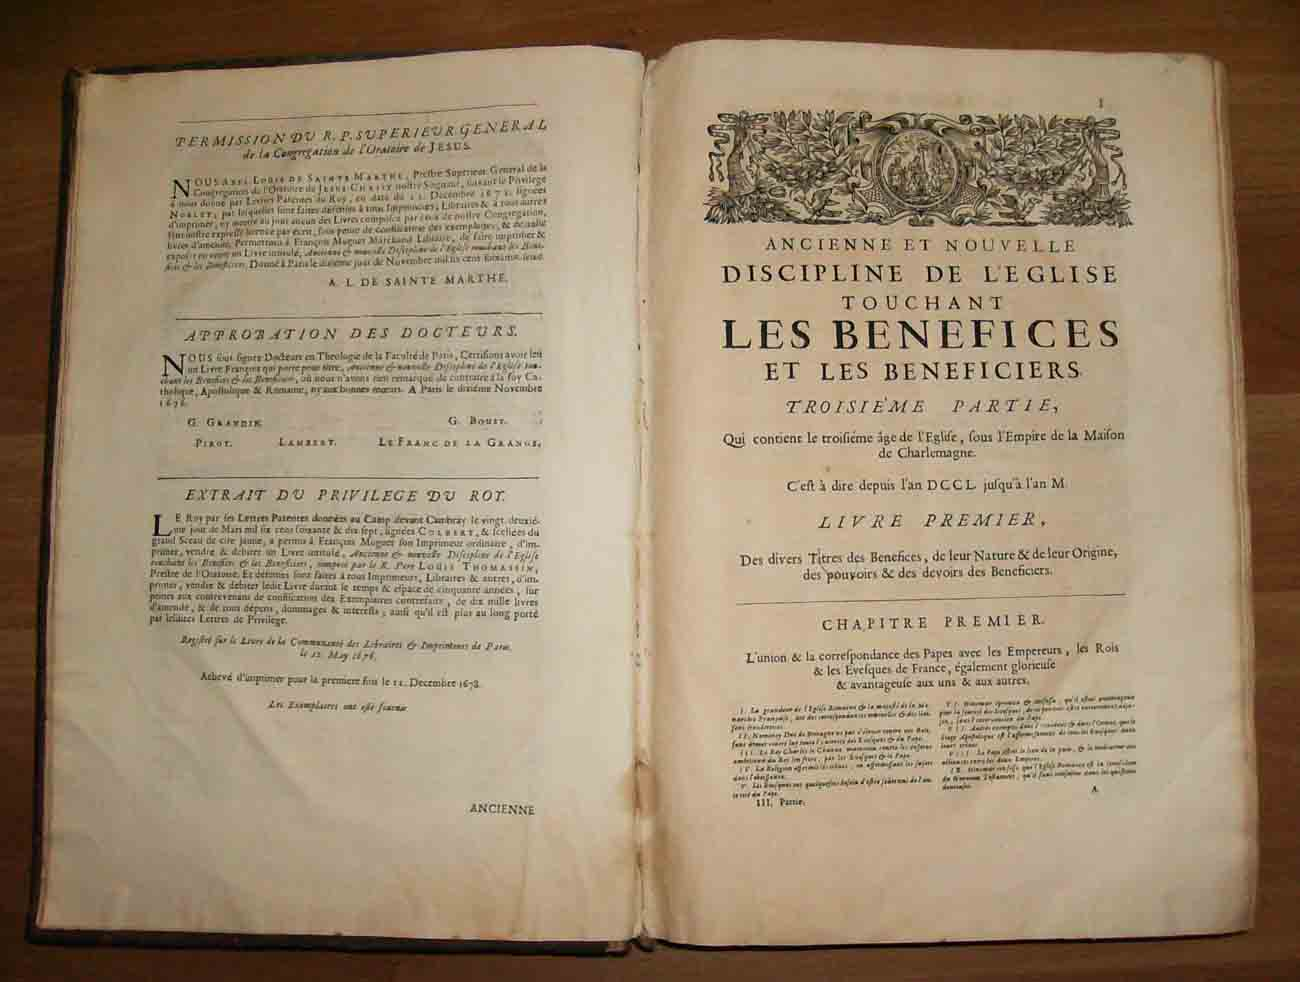 [1679-1682+Ancienne+et+Nouvelle+Discipline+de+L`Englise-Thomassin+100.jpg]